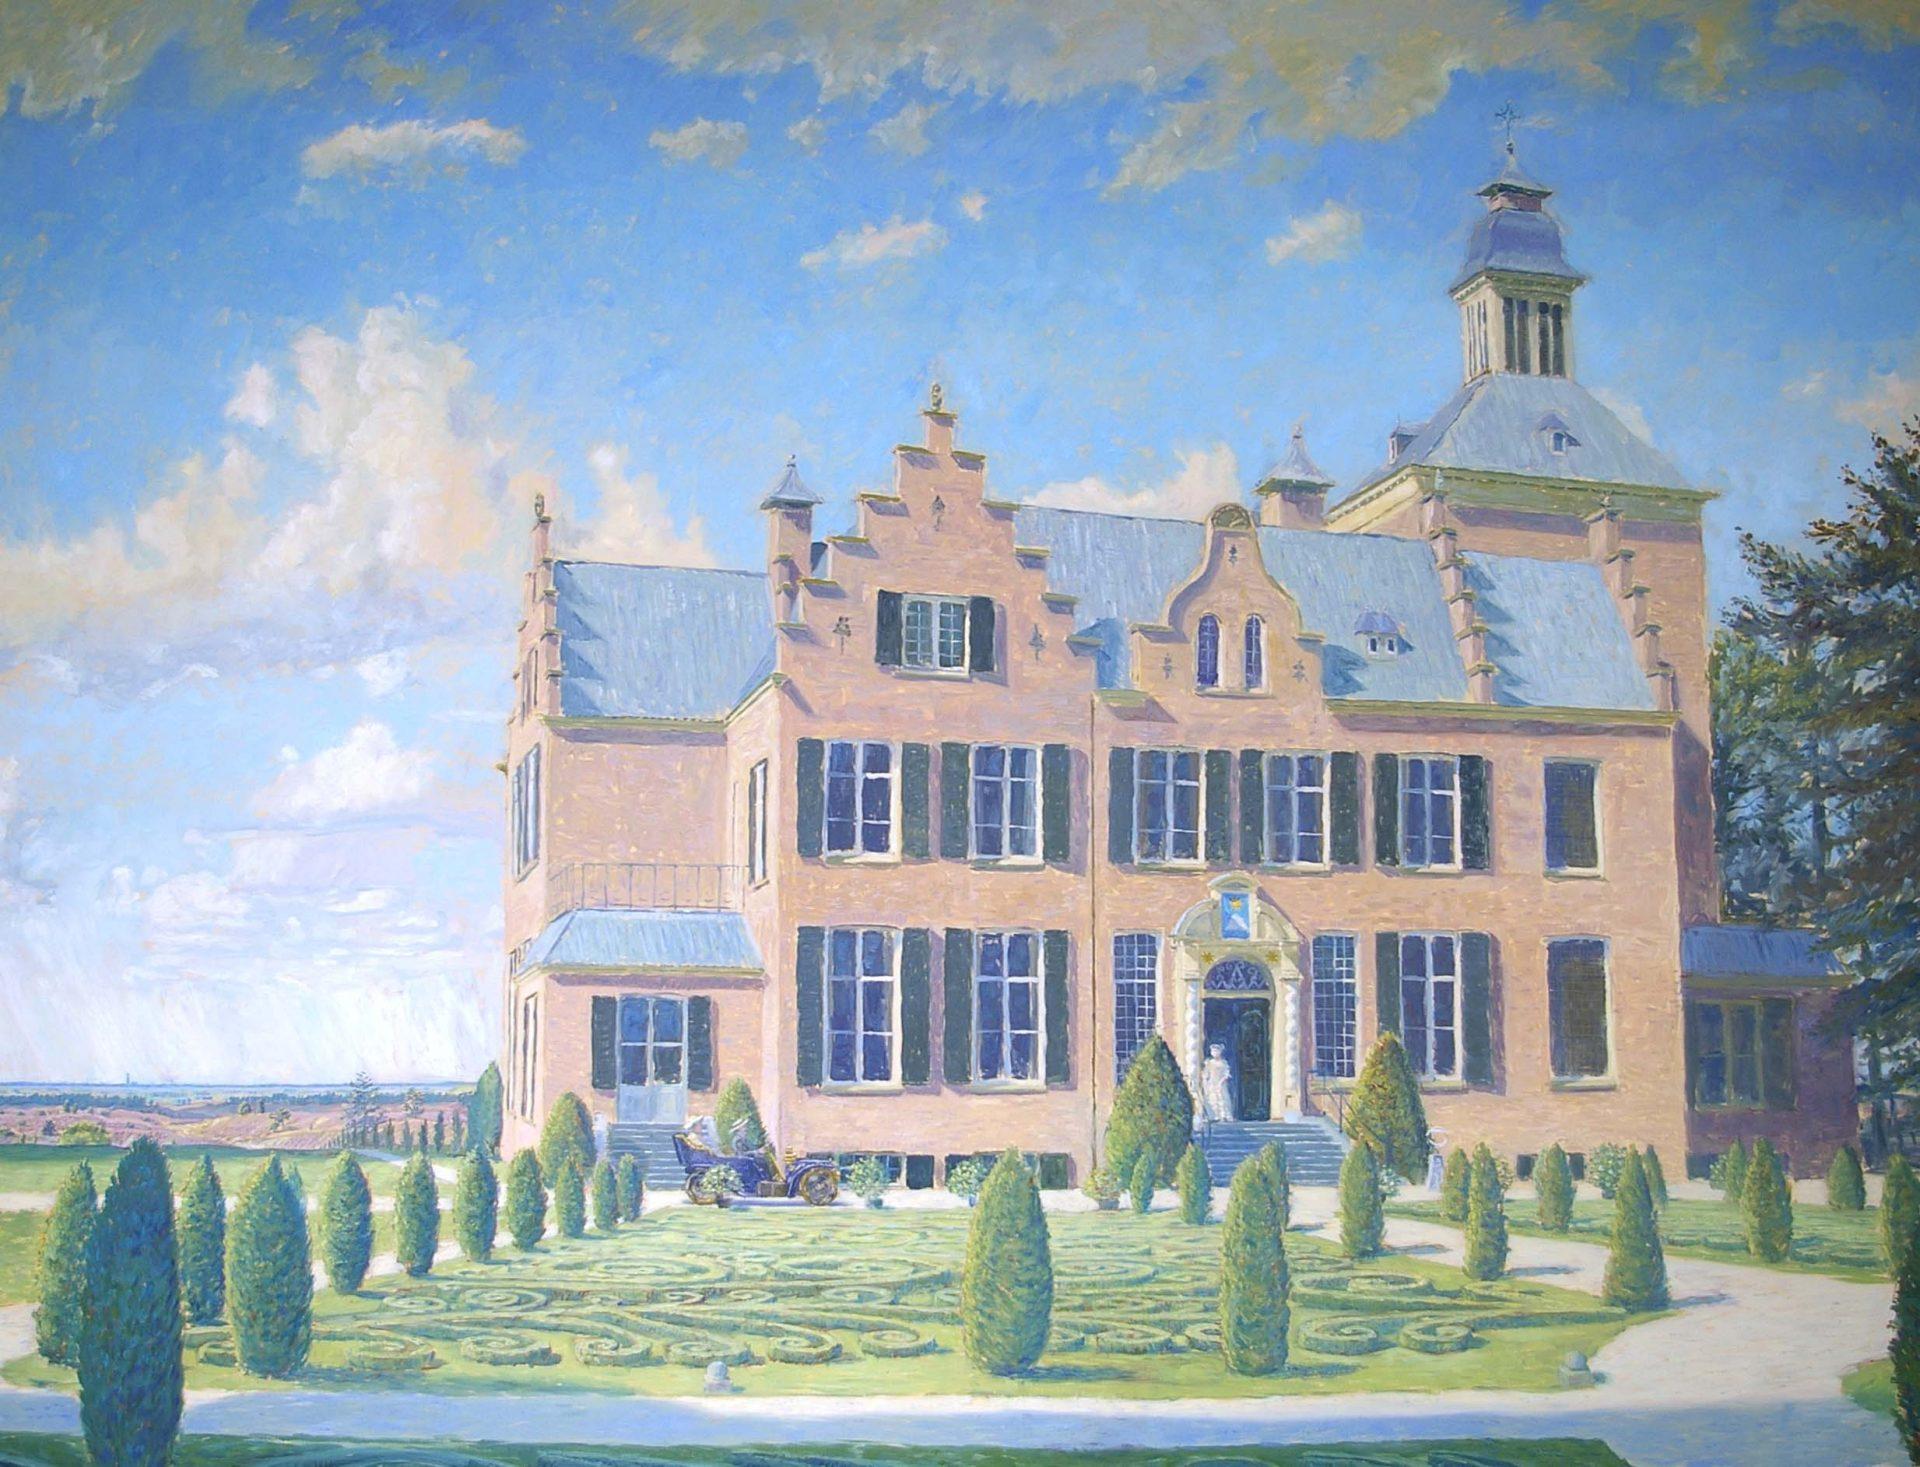 Olieverfschilderij van Maarten Maartenshuis in Doorn. Opdracht' statig landhuis, huisportret, zonnig, aandenken dierbaar woonhuis, bijzonder cadeau